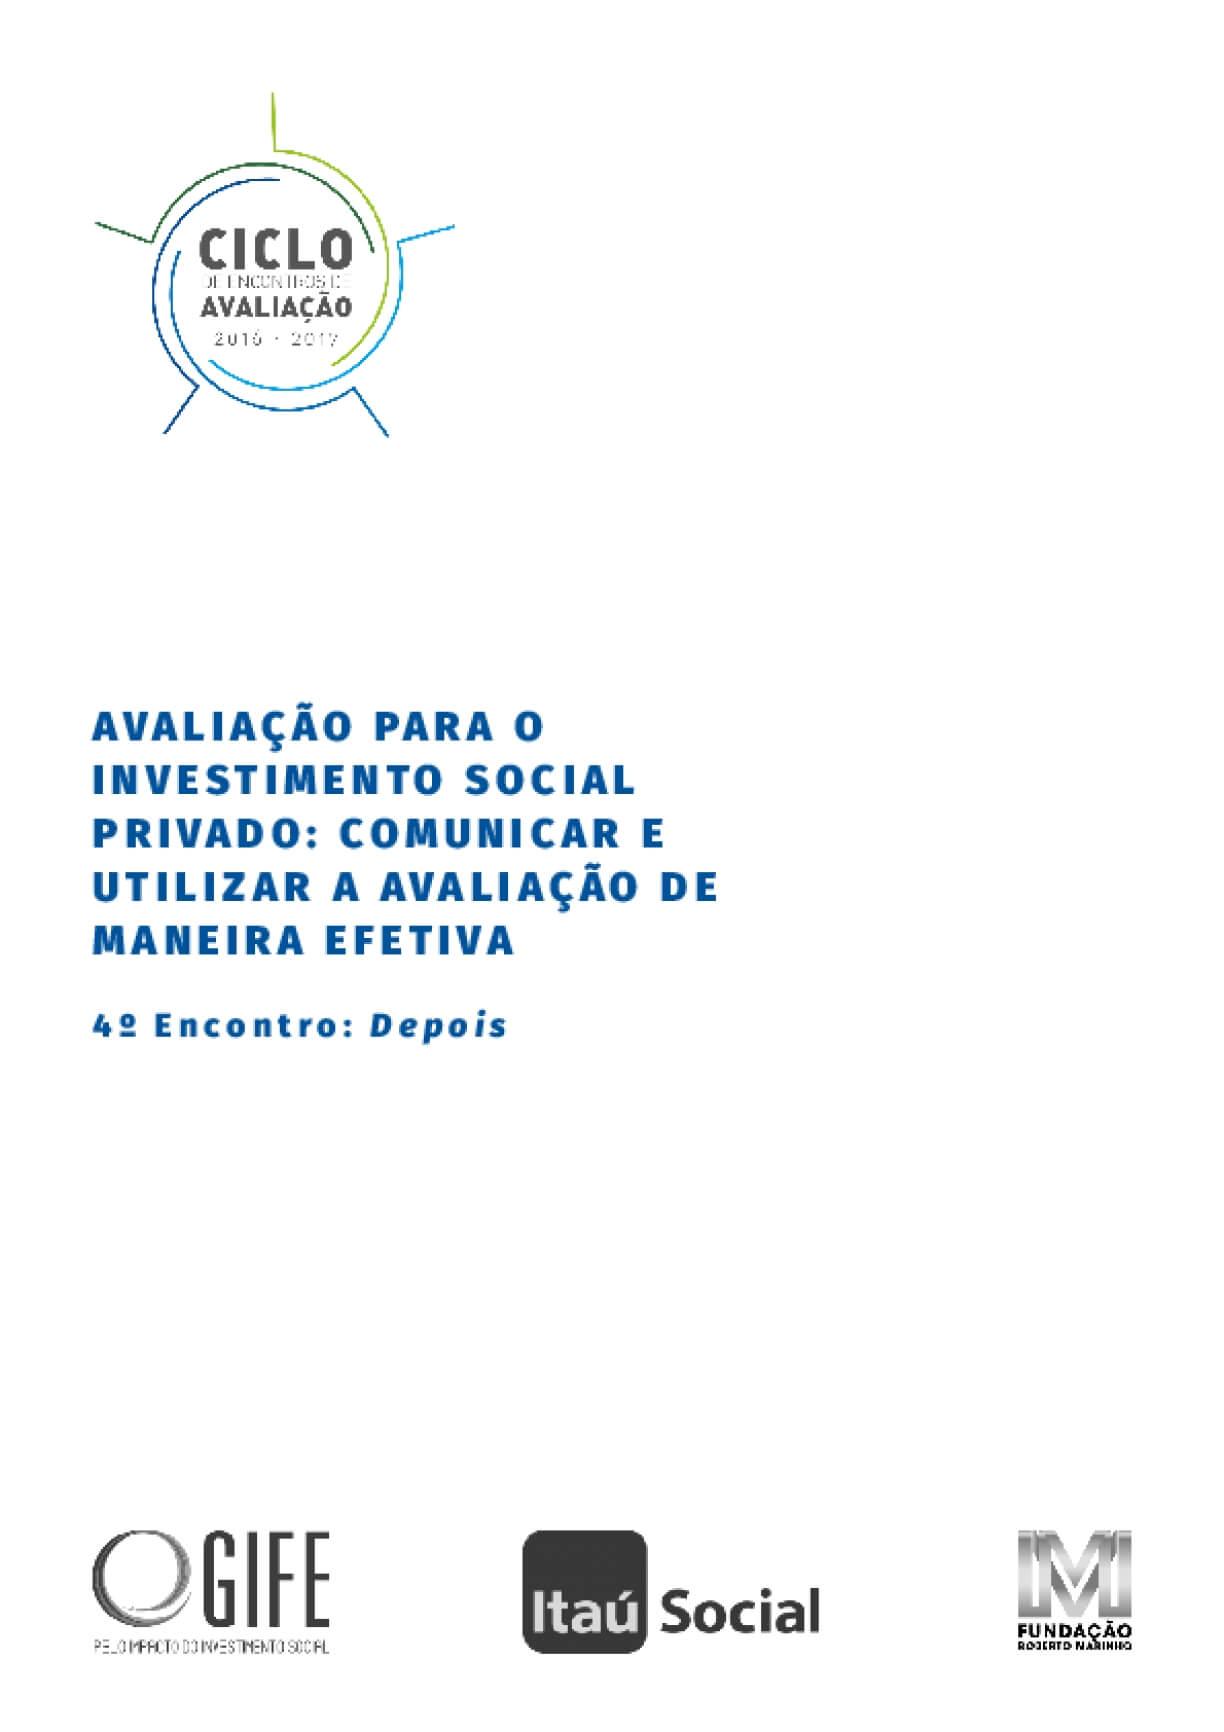 Avaliação para o investimento social privado: comunicar e utilizar a avaliação de maneira efetiva - 4 º encontro: depois